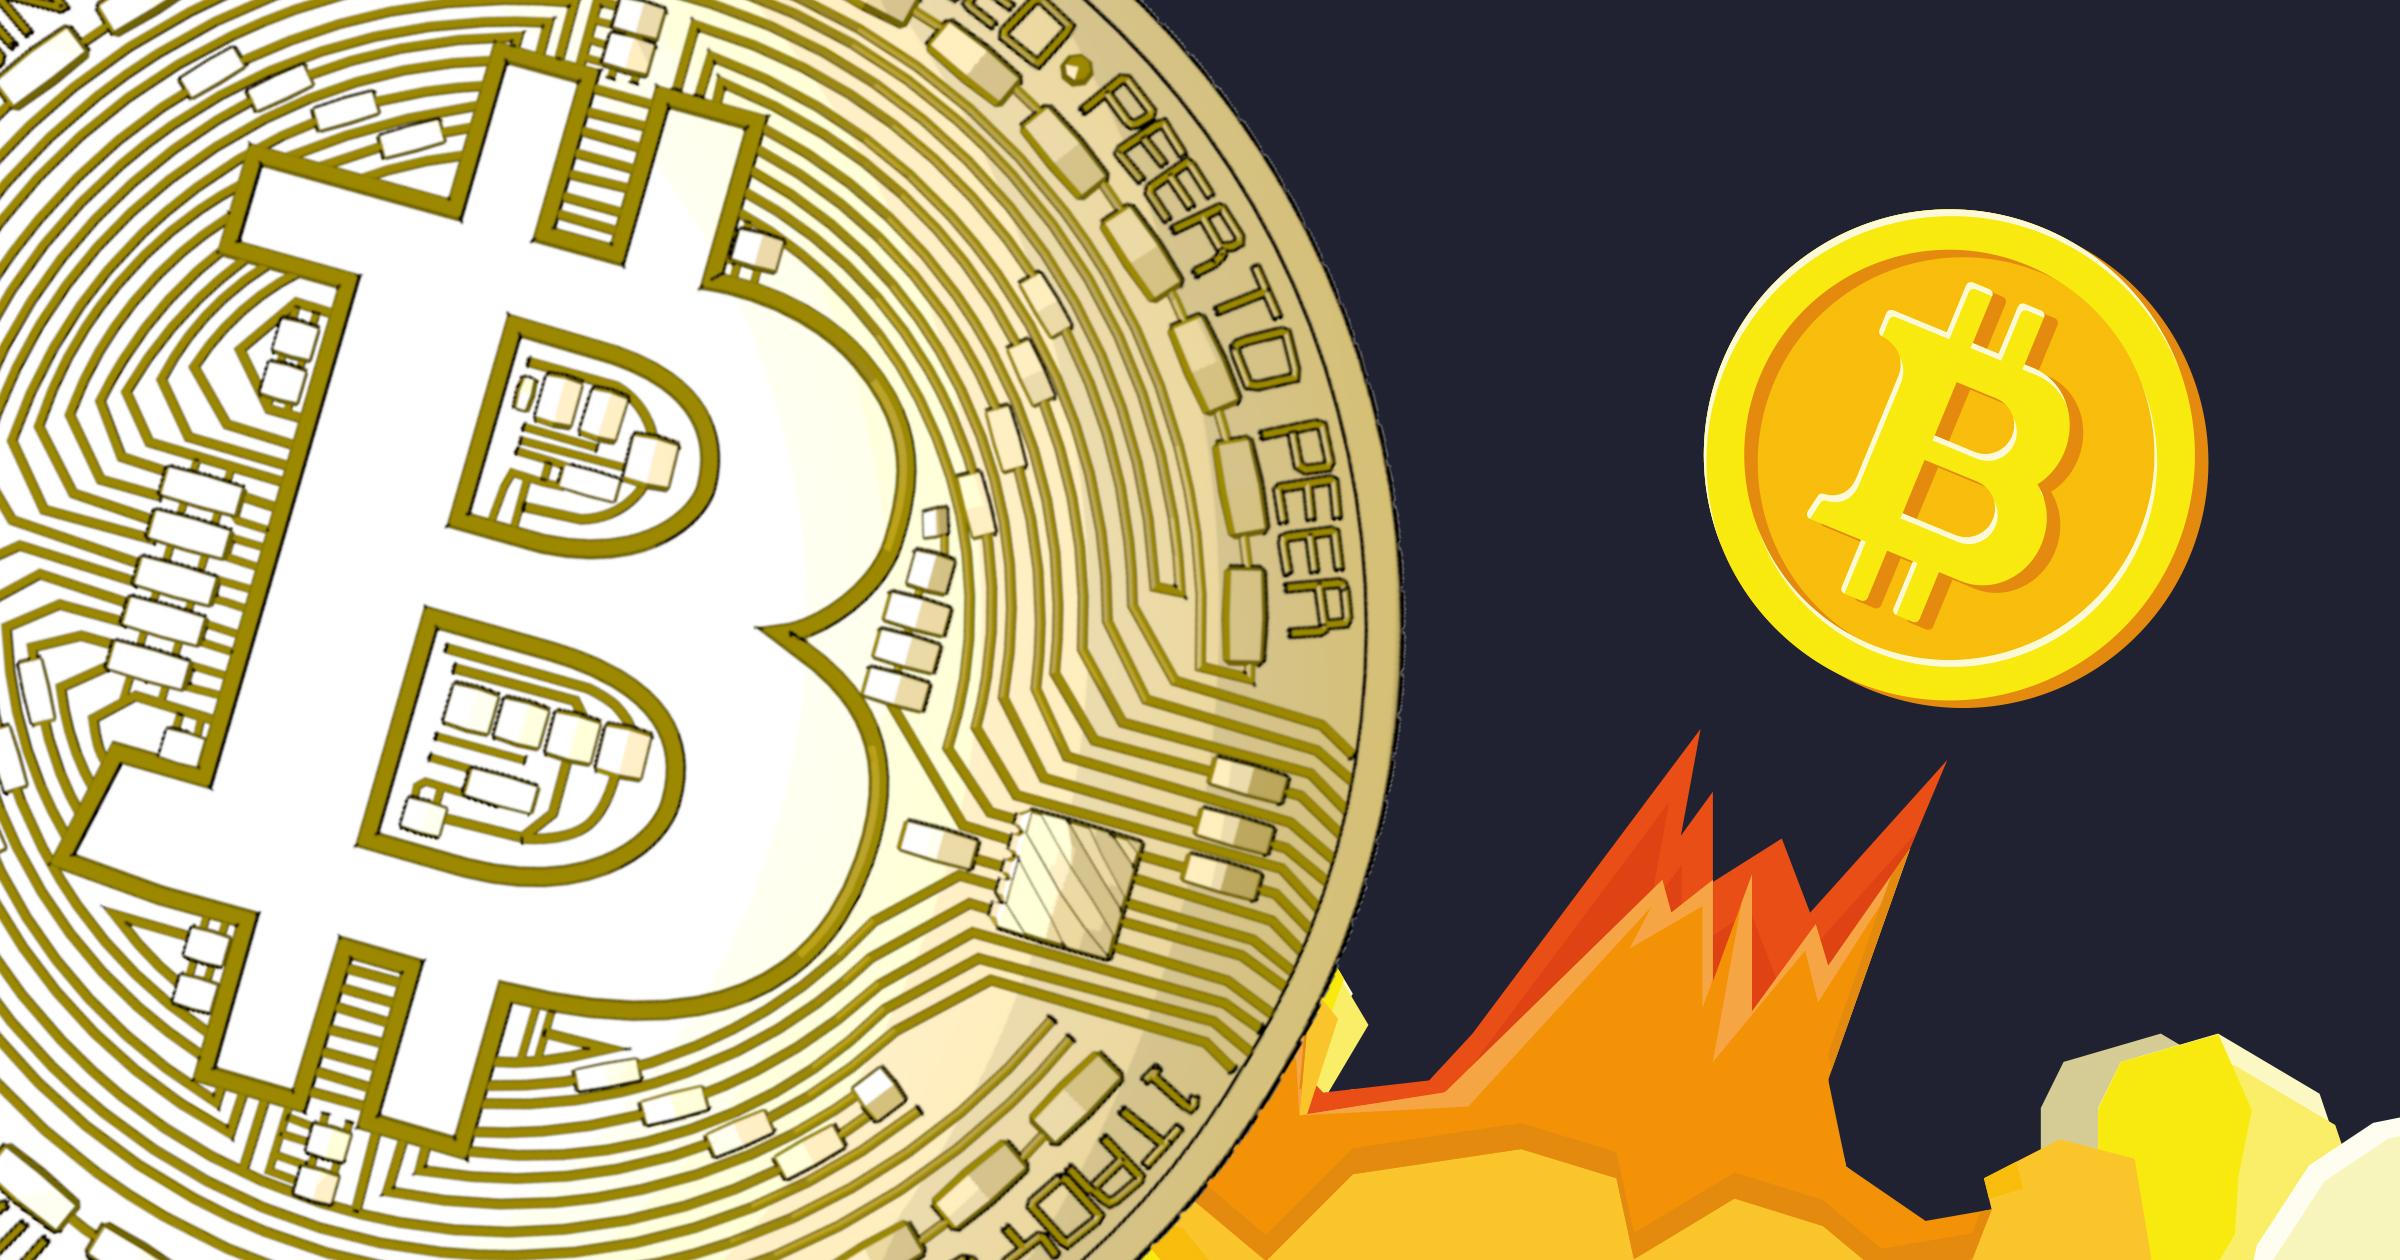 Bitcoinpriset rusar förbi 11 000 dollar – här är vad det kan bero på